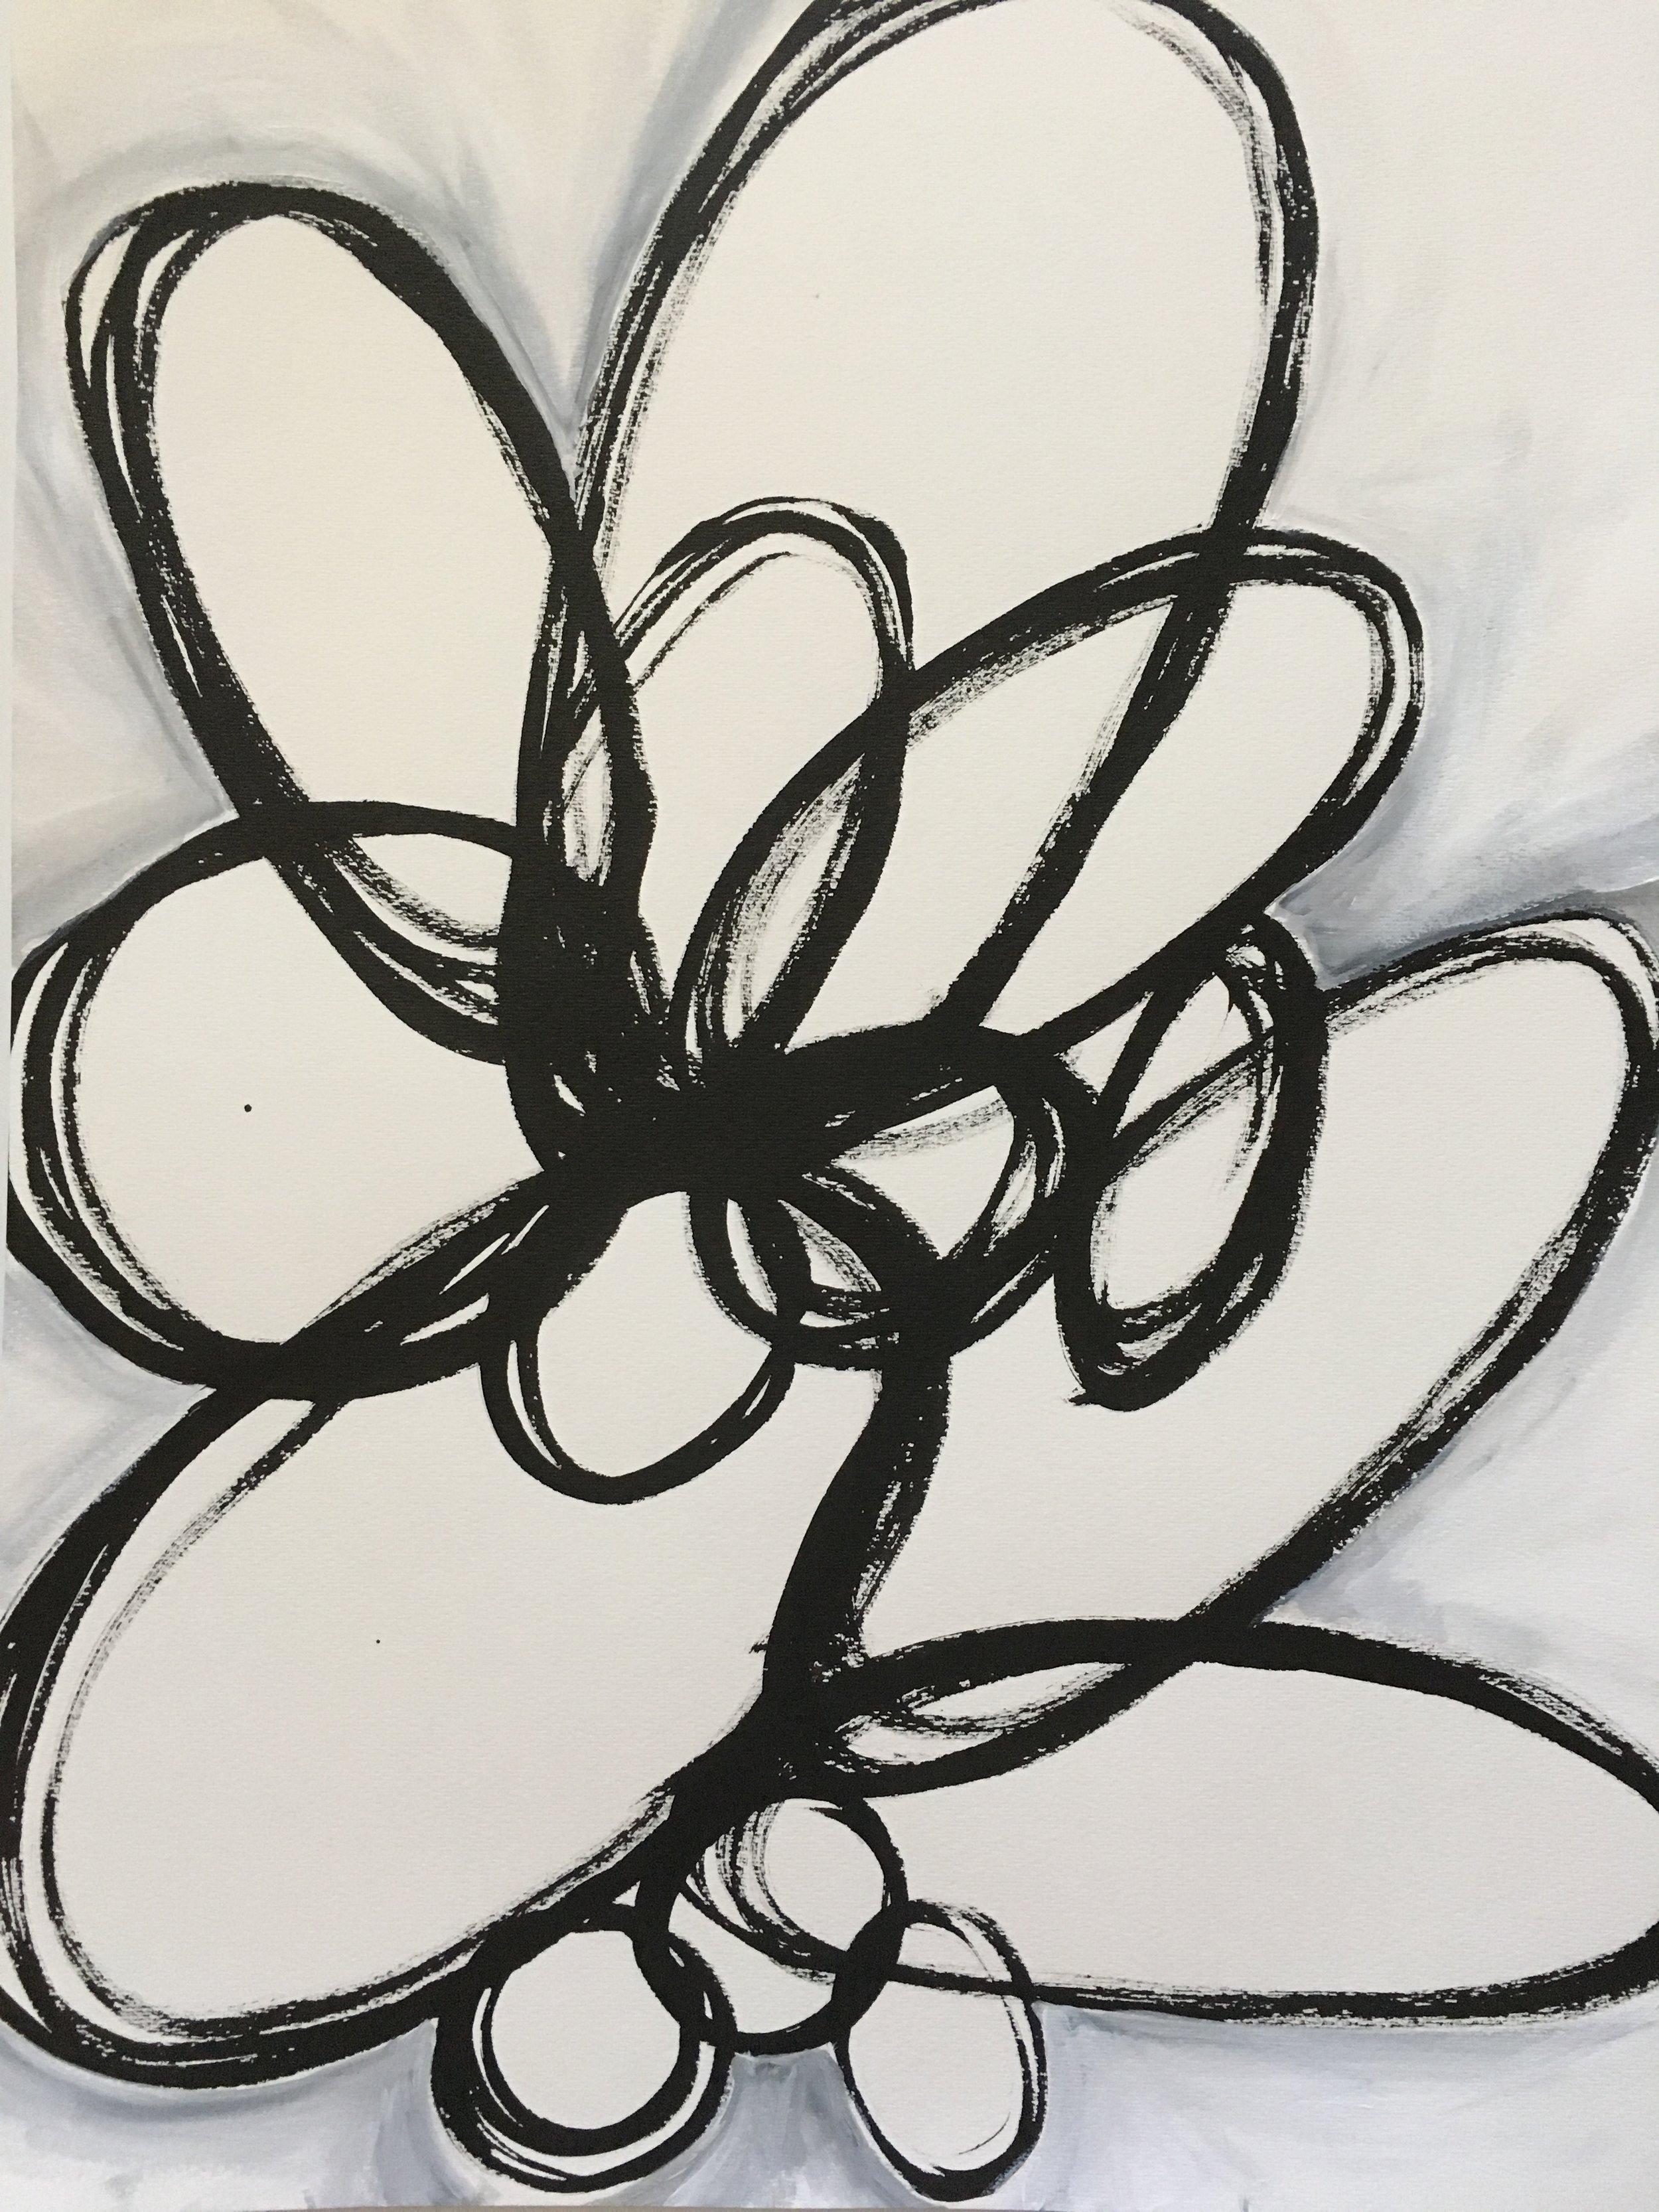 Calligraphy Series II, 2018